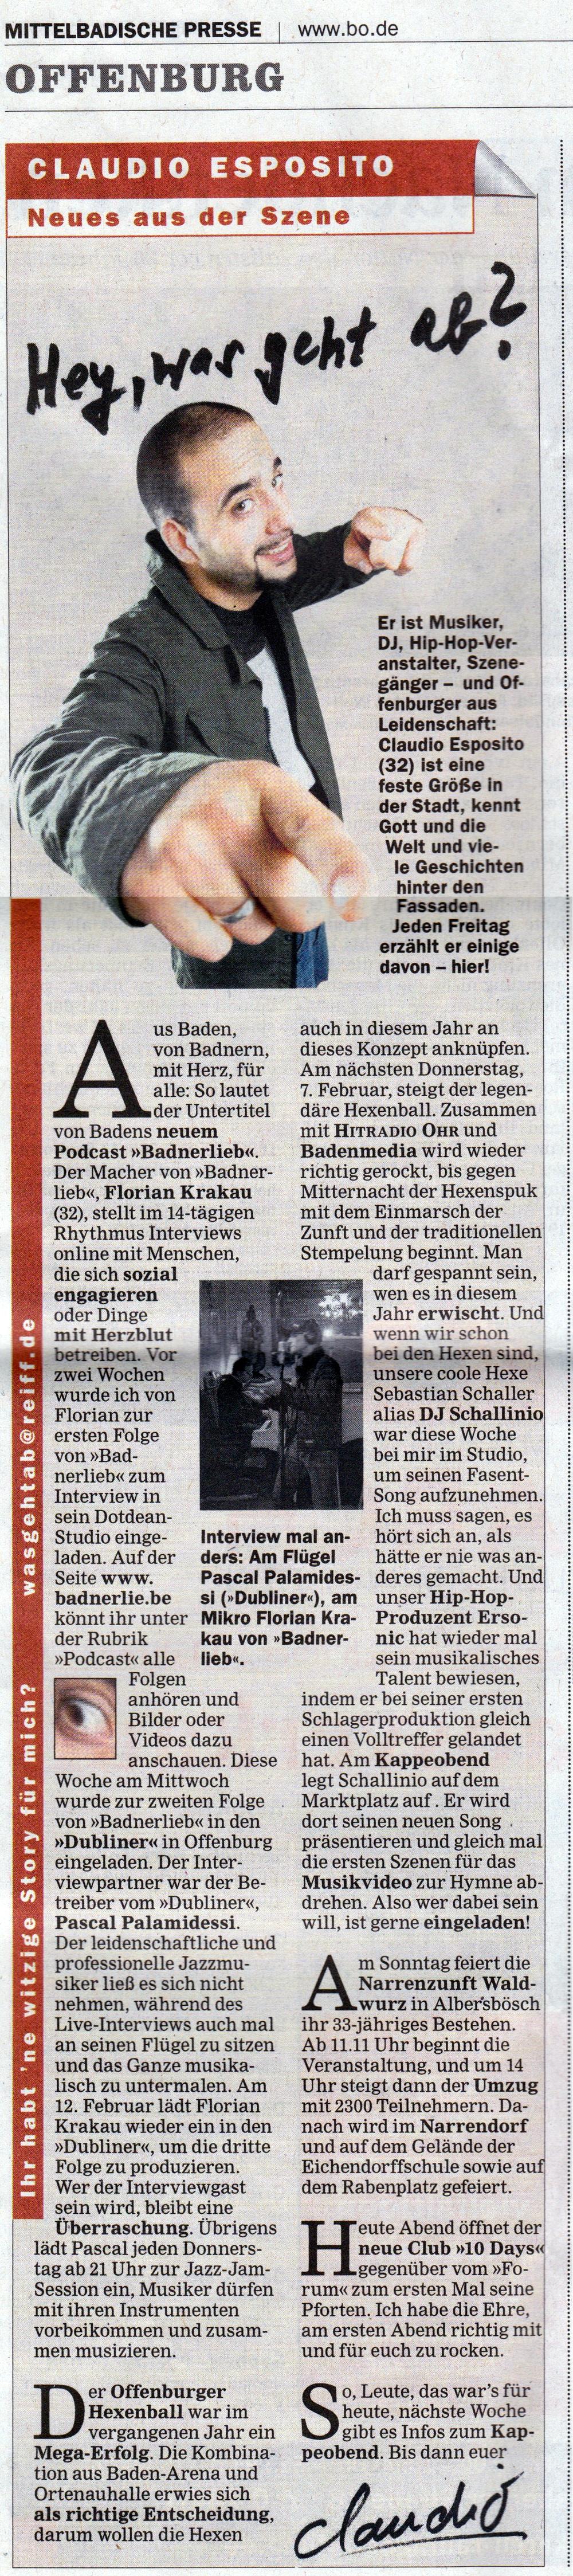 offenburger tageblatt artikel vom 01.03.2013 badnerlieb002